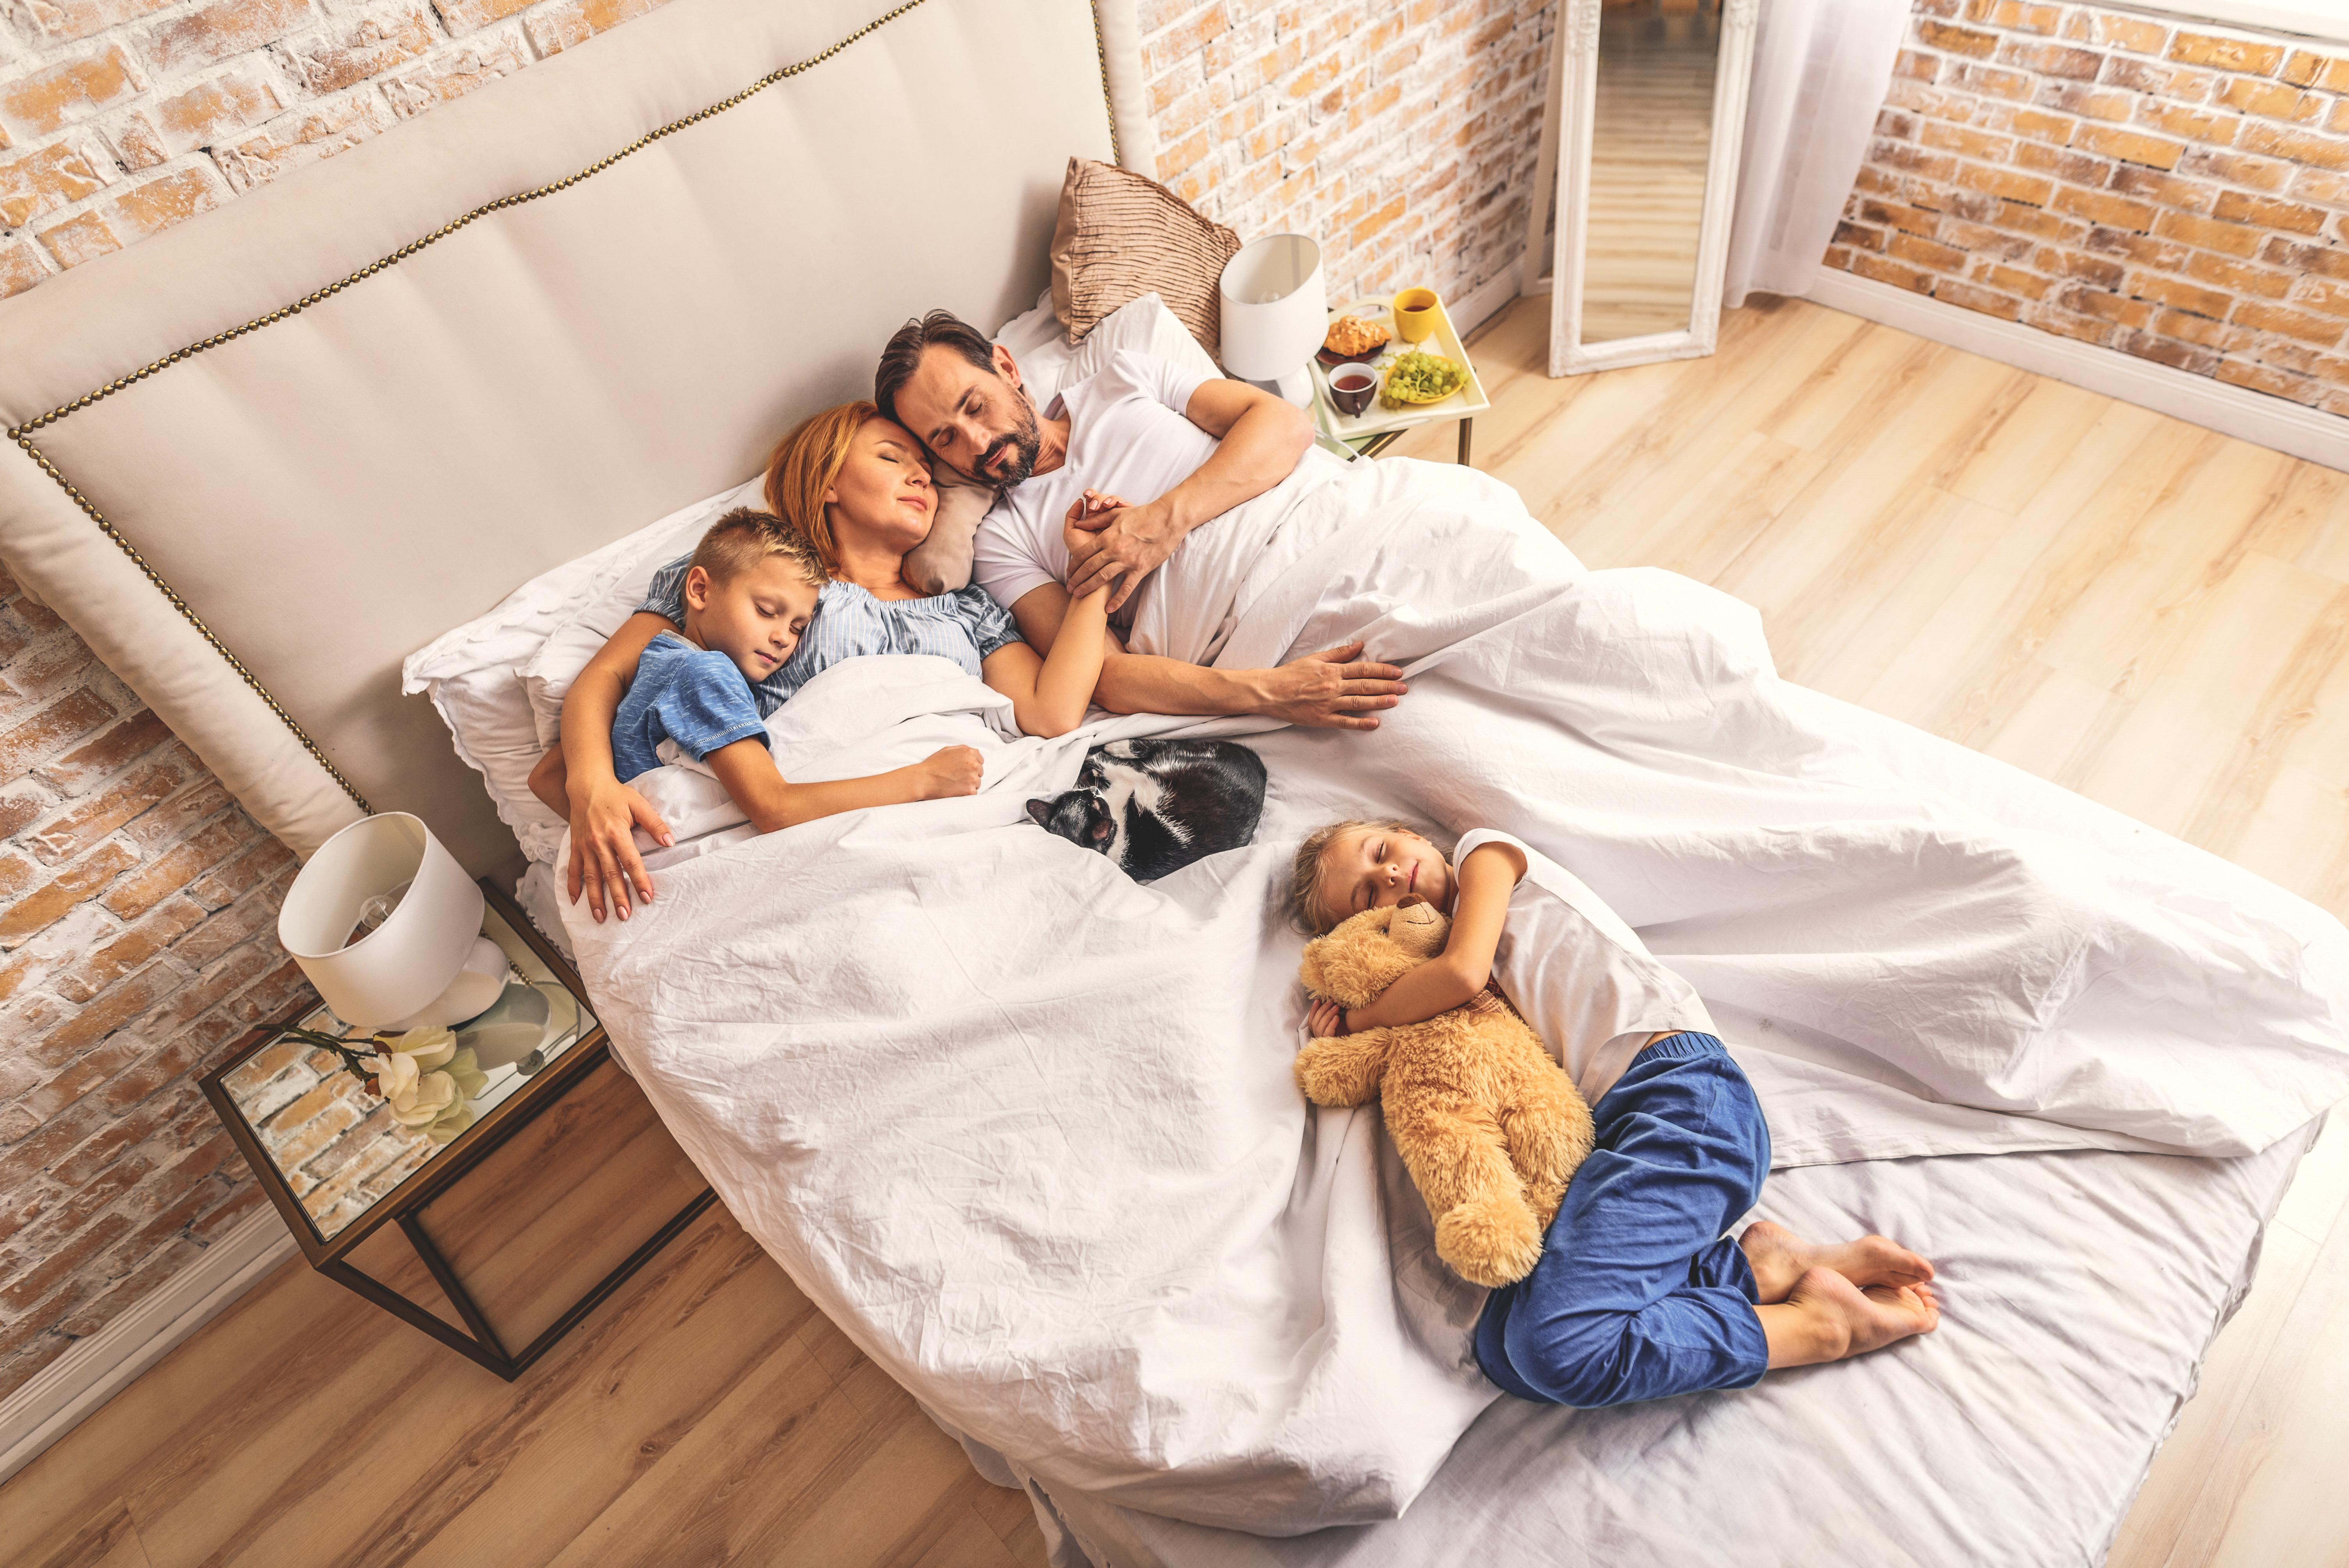 Πώς πρέπει να κοιμούνται τα παιδιά;